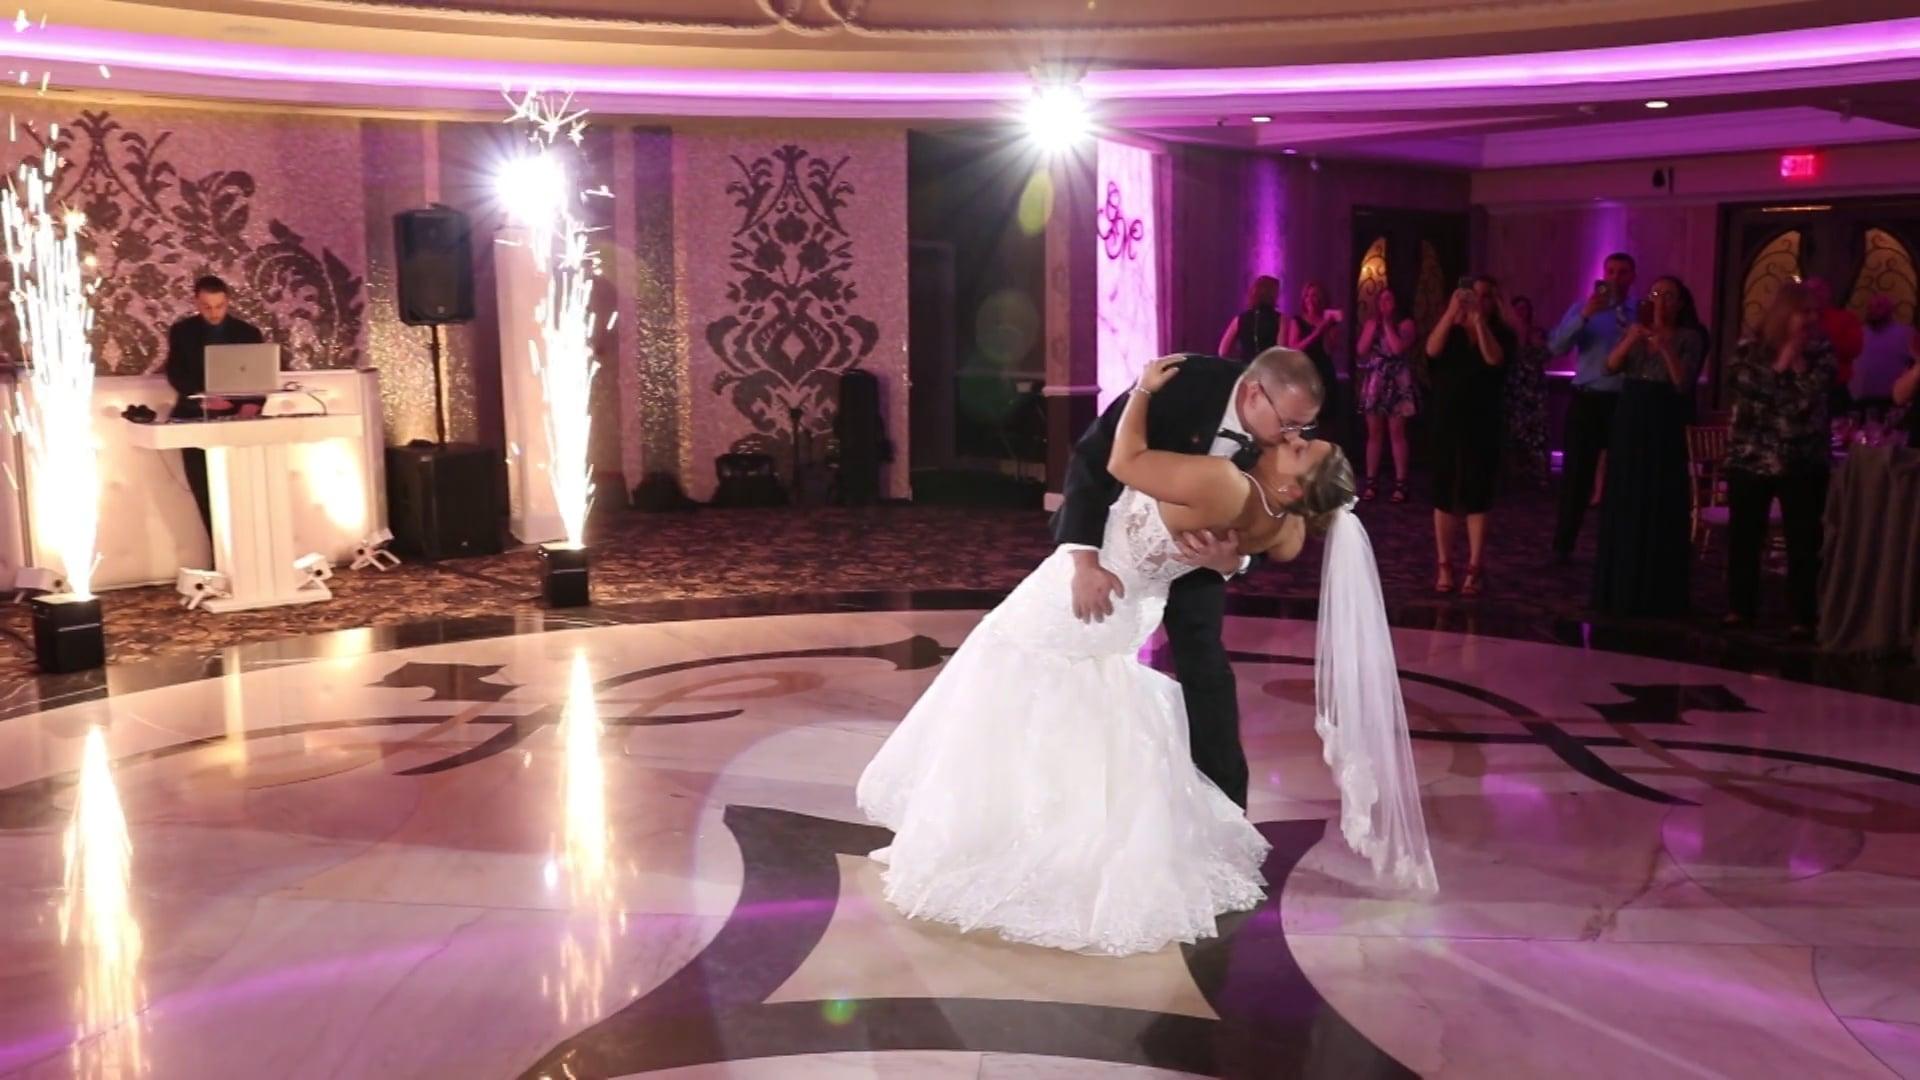 Peter & Jaclyn's Wedding